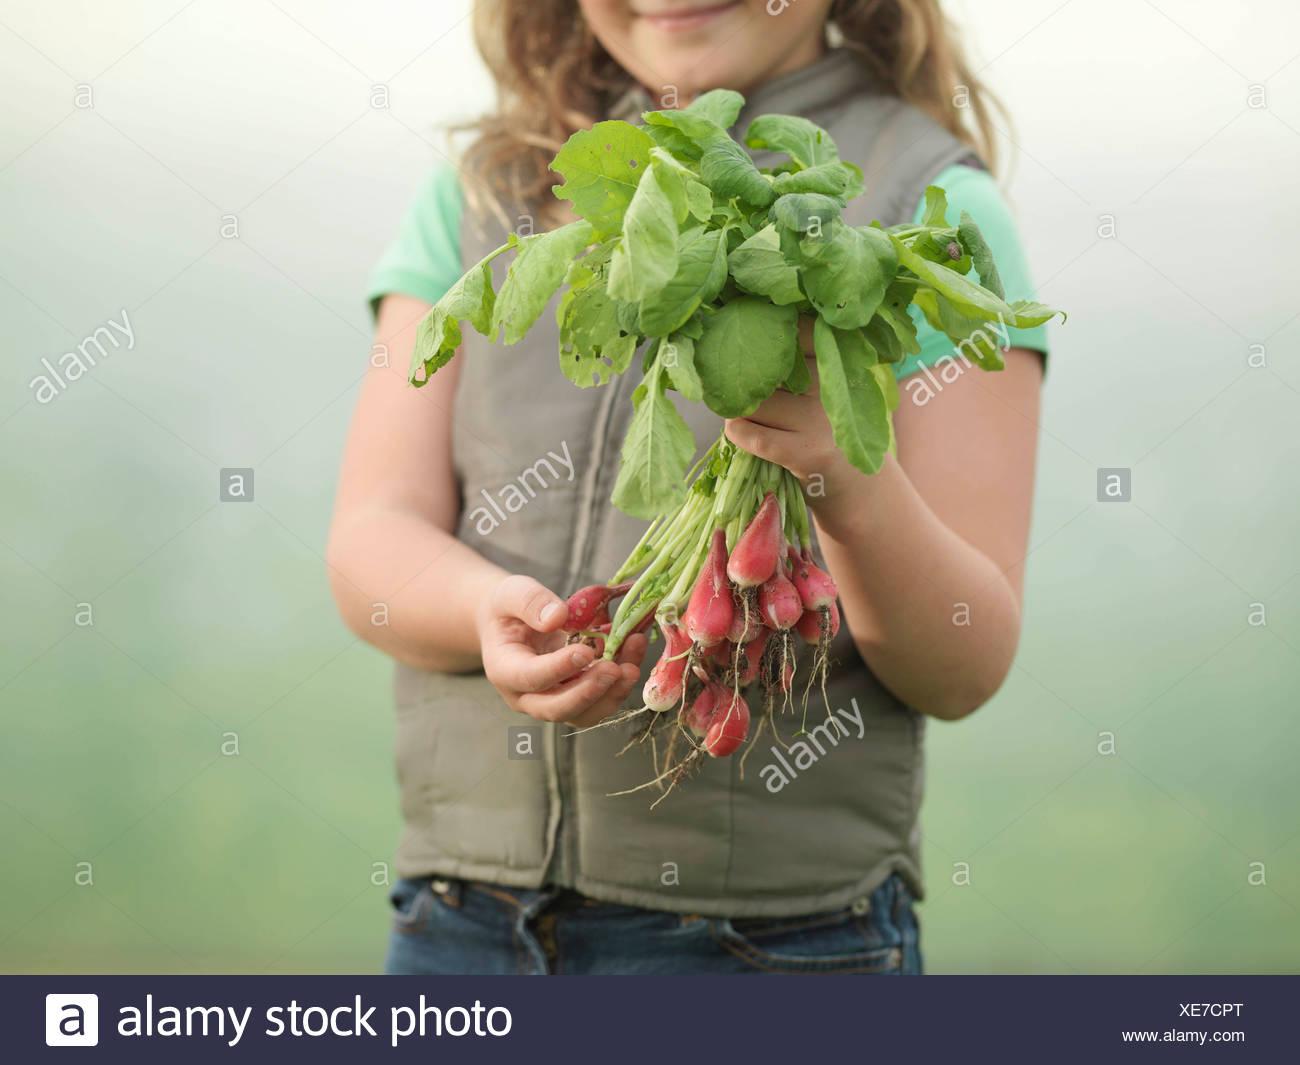 Girl Holding Radishes Photo Stock